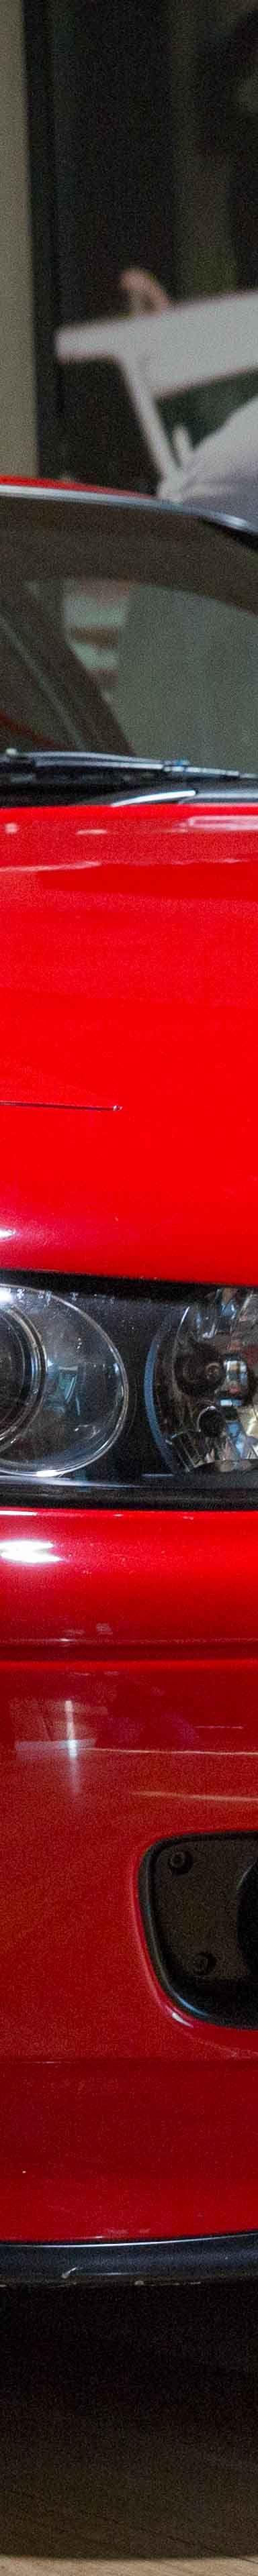 2002 Holden Monaro HRT ED0001- sold in Australia